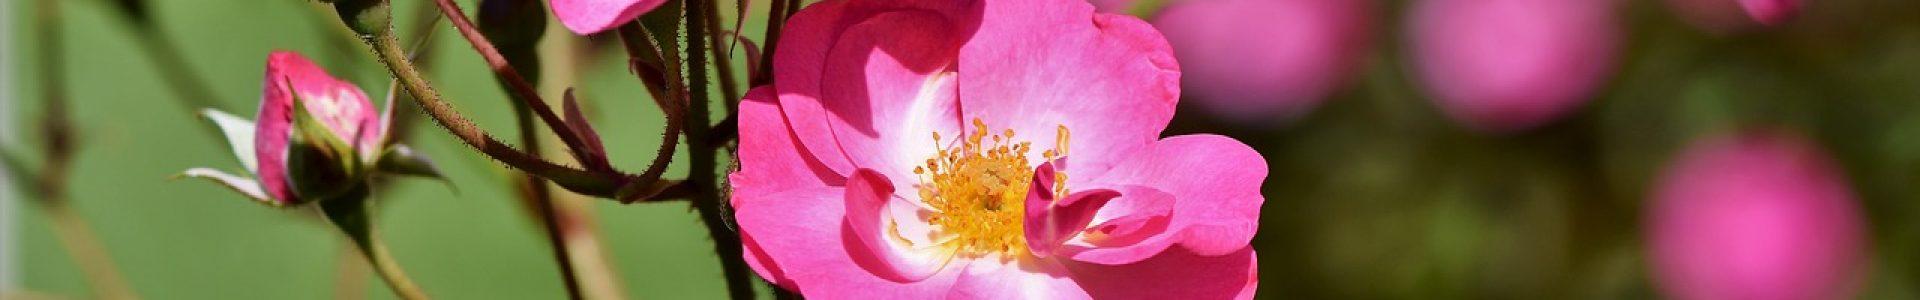 bush-rose-3561173_1280